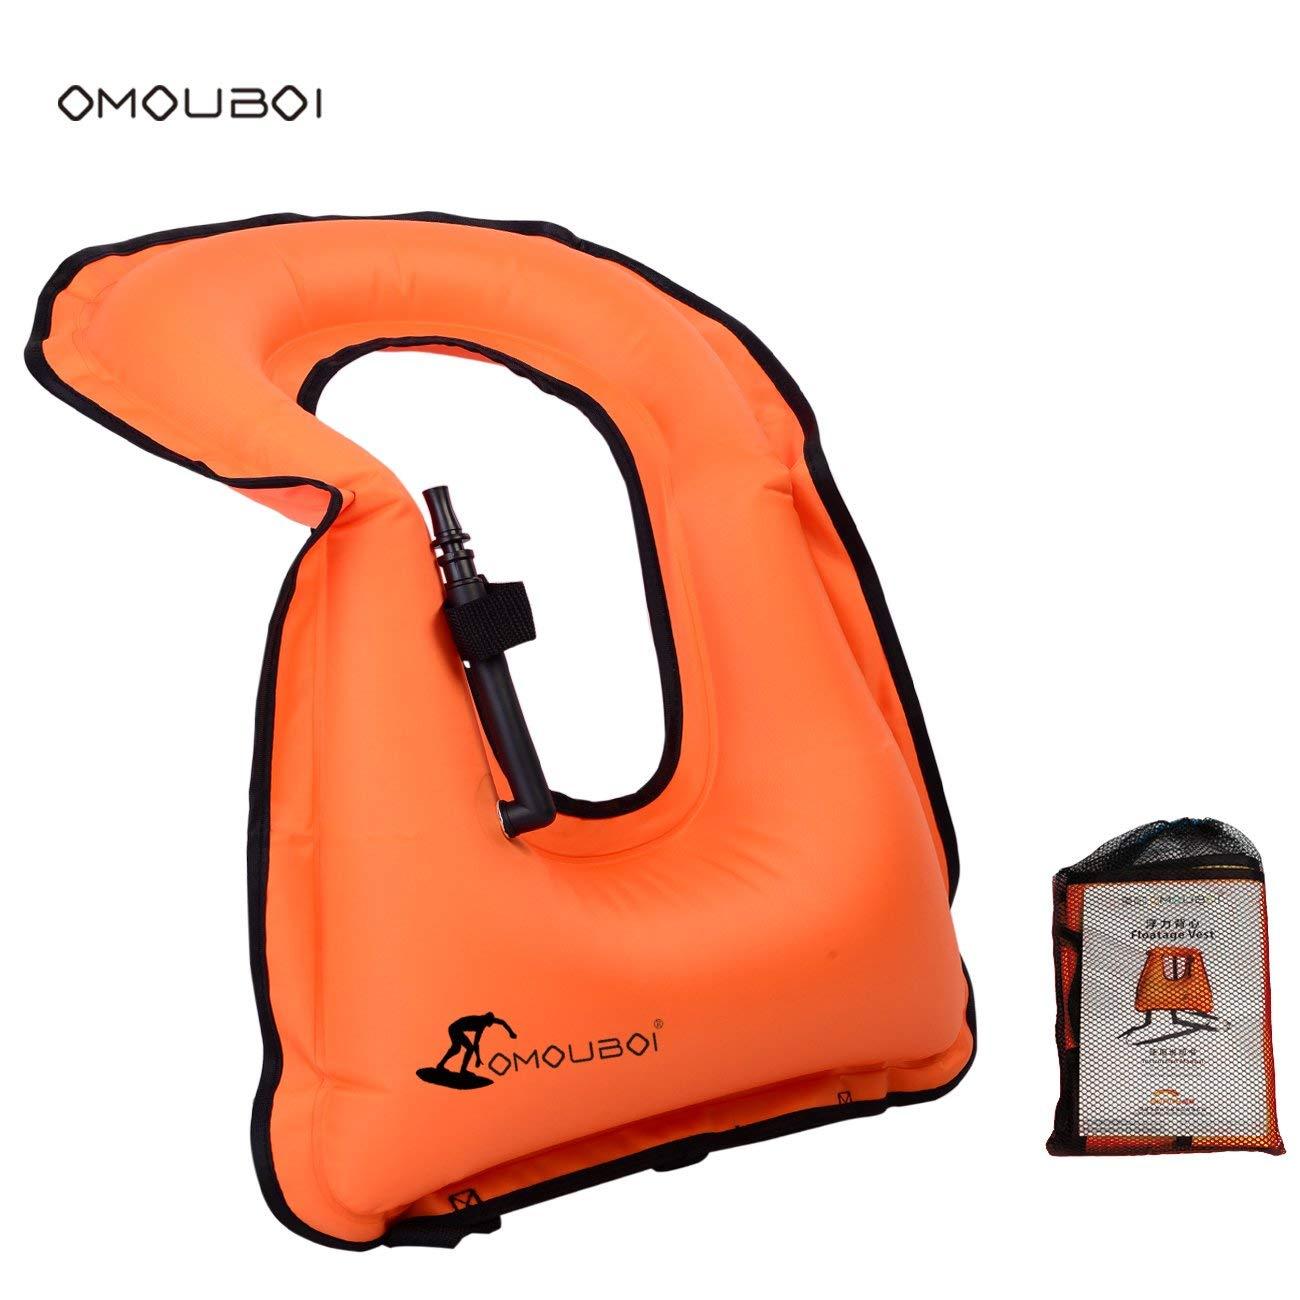 Life Jackets Omouboi Unisex Adult Inflatable Snorkel Vest Snorkel Jacket Free Diving Safety Jacket